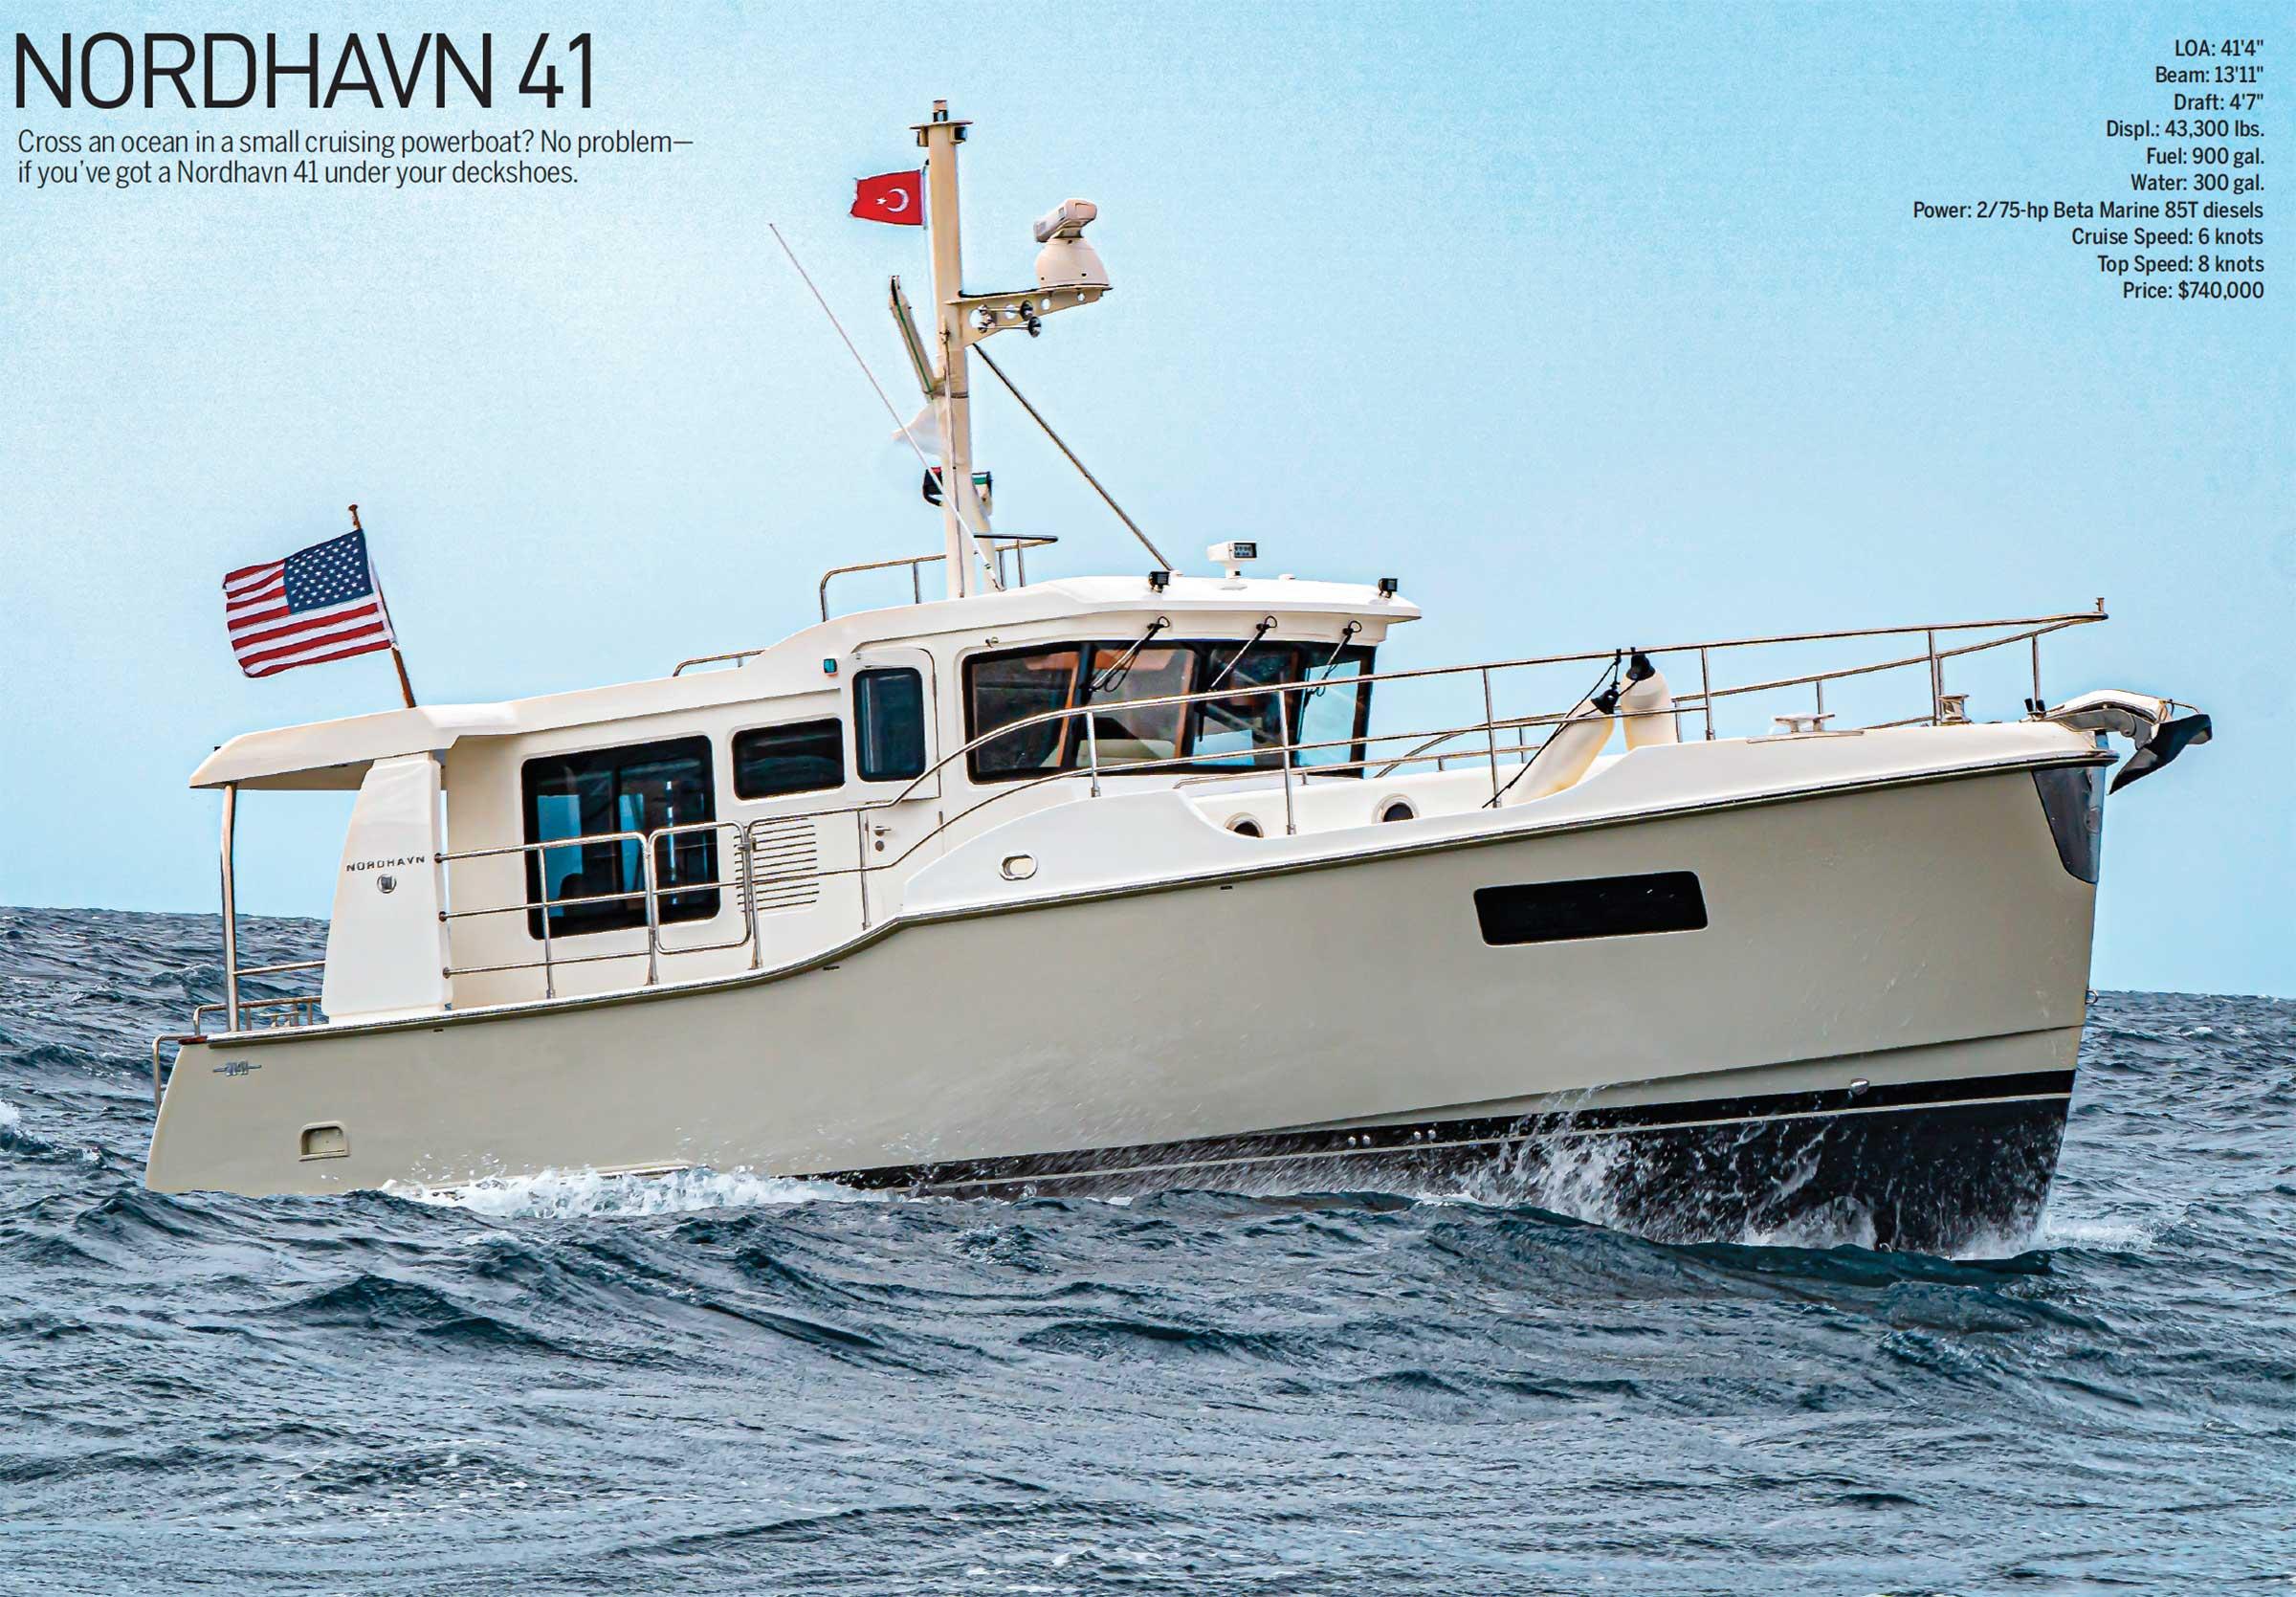 N41-power-motoryacht